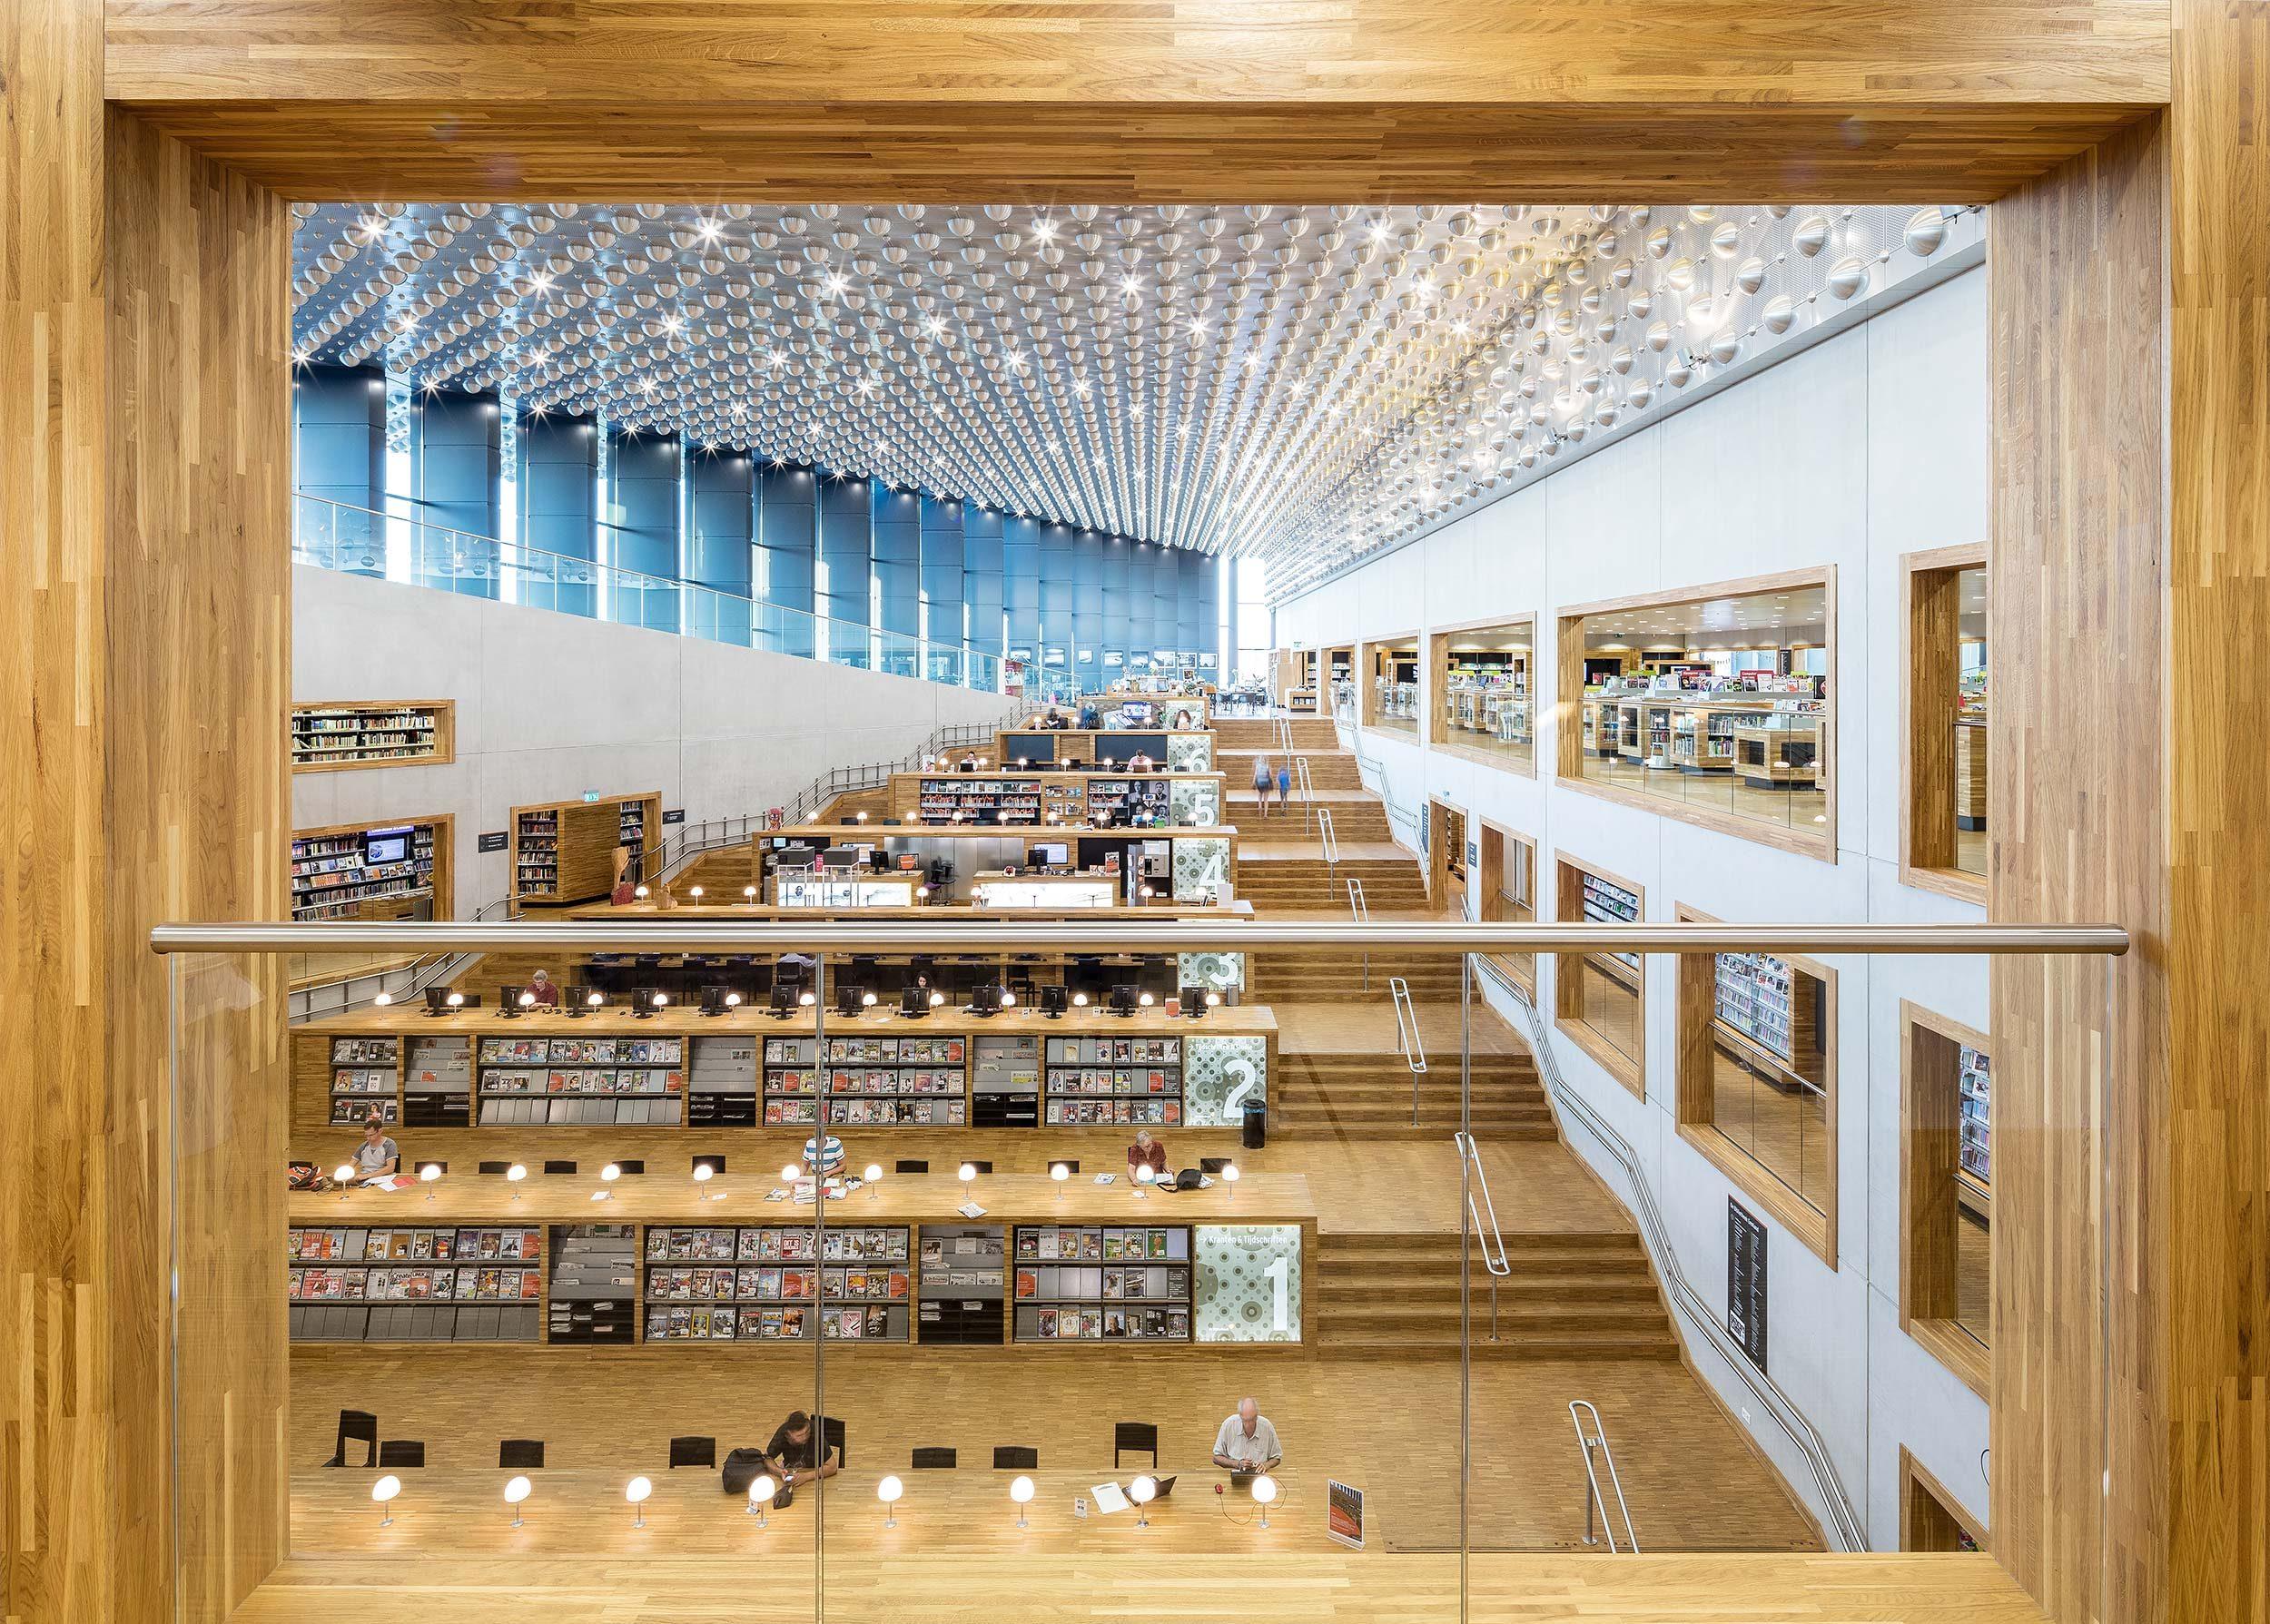 Interieurfotografie door Chiel de Nooyer van Bibliotheek Eemland / Architectuurfotografie Eemhuis, Amersfoort - Neutelings Riedijk Architects - interieur